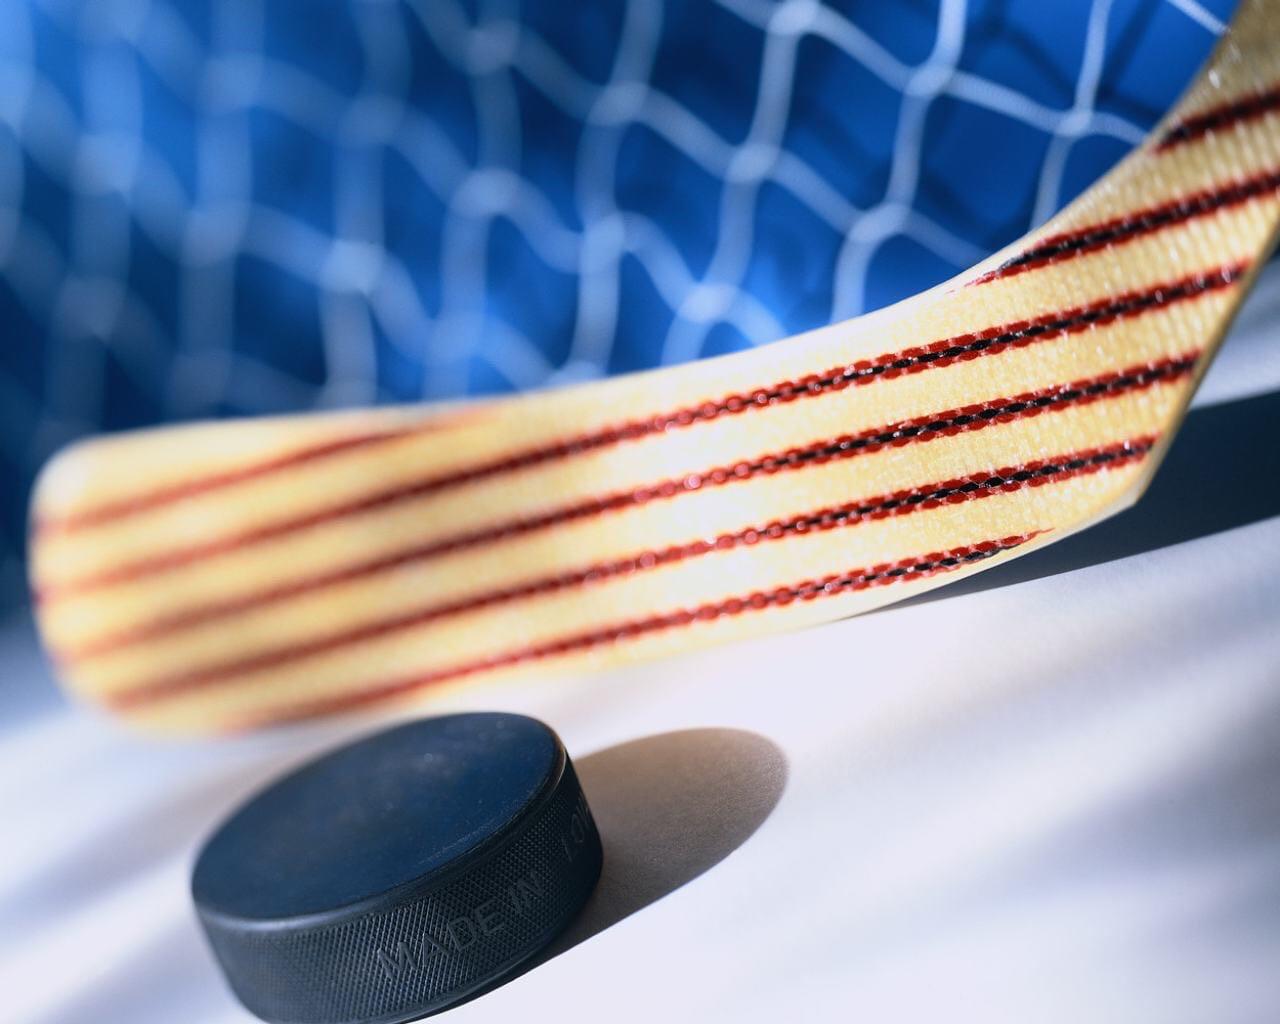 29 февраля в Зарайске состоялся матч плей-офф Открытого Первенства Юго-Востока МО по хоккею среди команд ветеранов категории 50+ (любитель) сезон 2019-20 года.